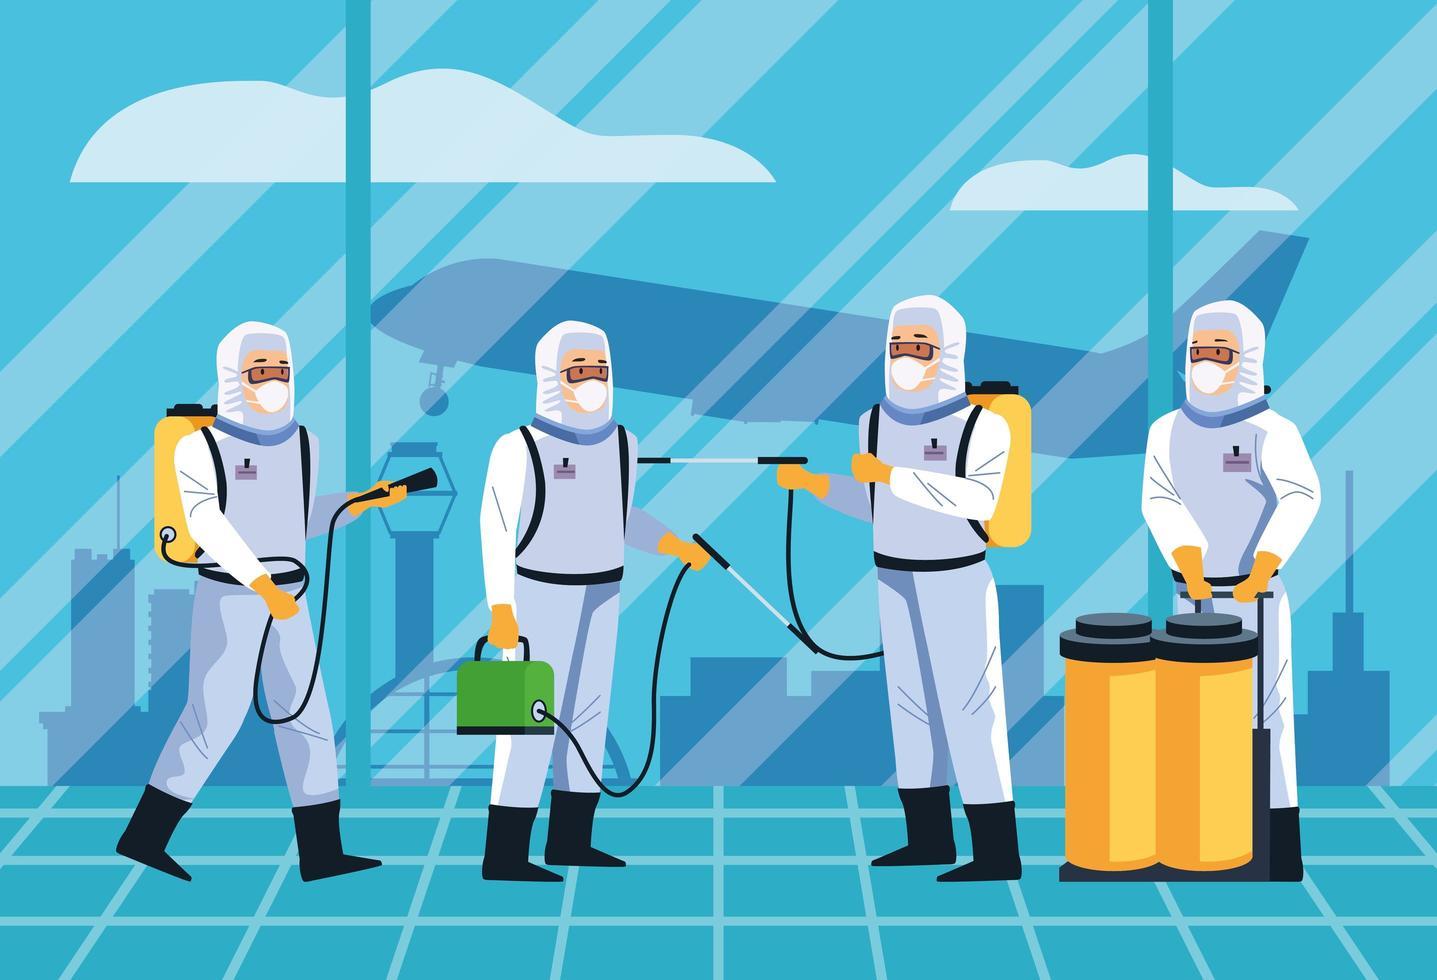 bioveiligheidsarbeiders die het ontwerp van luchthavens ontsmetten vector